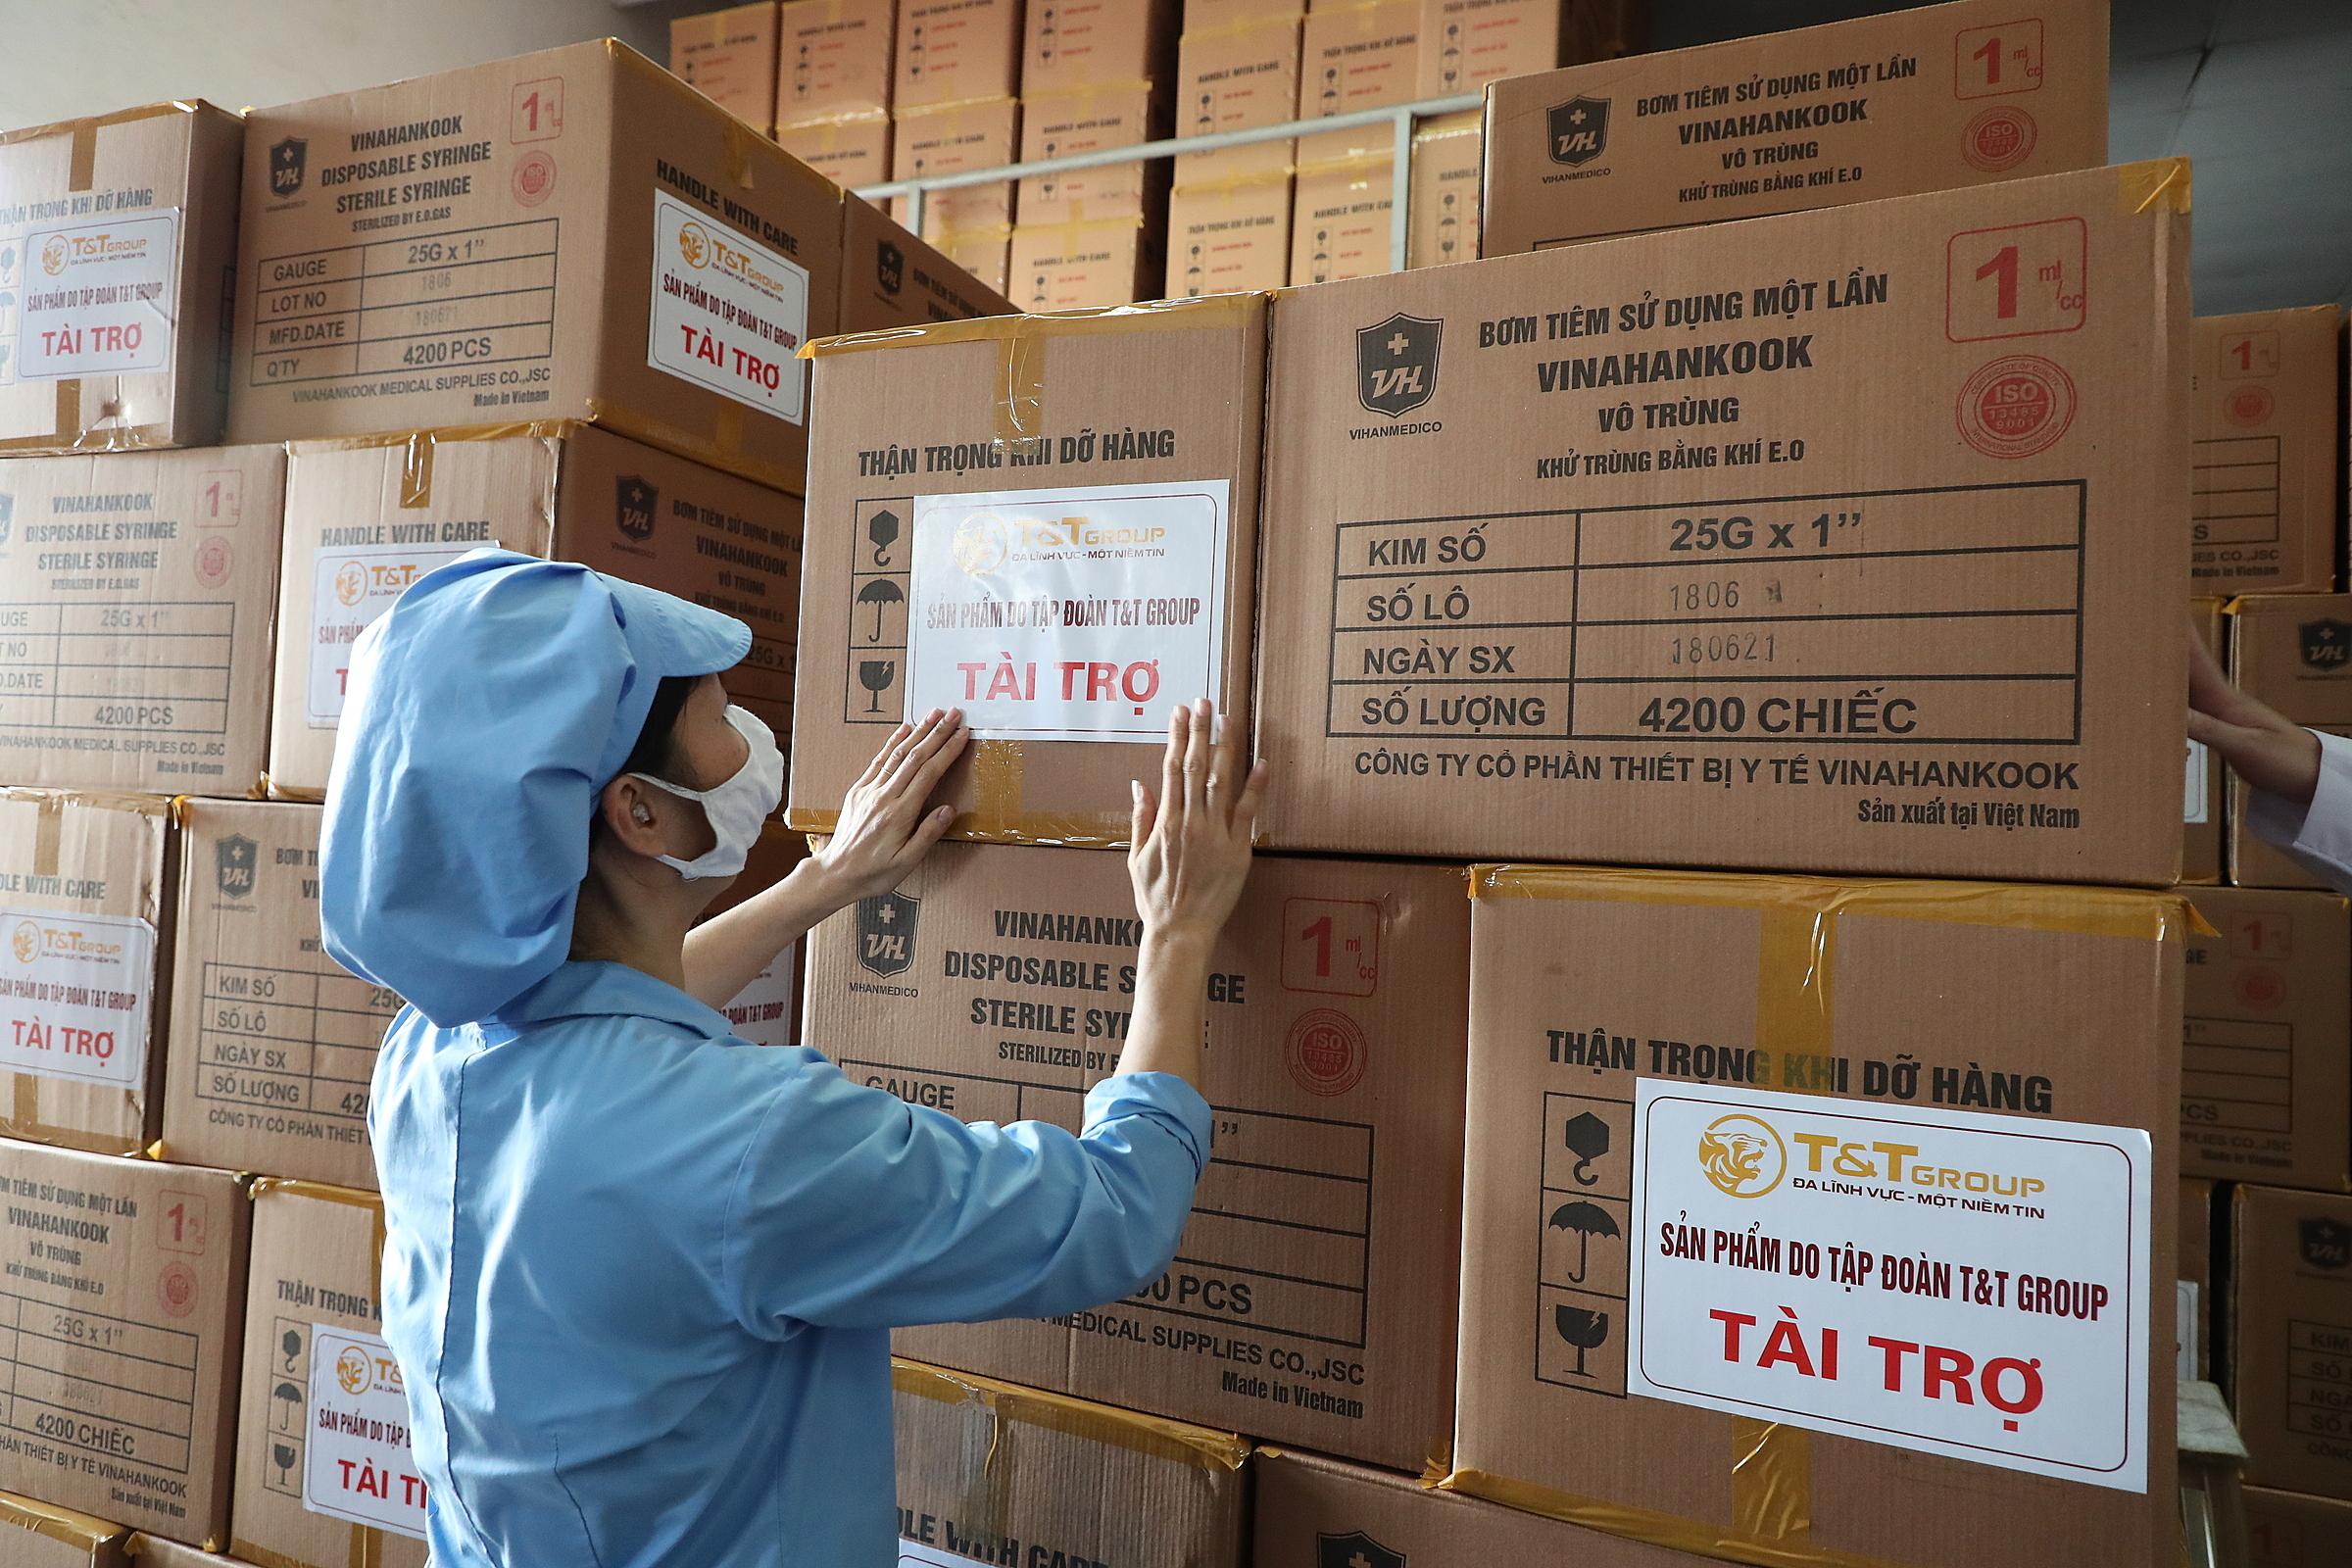 Nhân viên đang đóng gói 500.000 bộ bơm tiêm do Tập đoàn T&T Group tài trợ TP HCM. Ảnh: T&T Group.